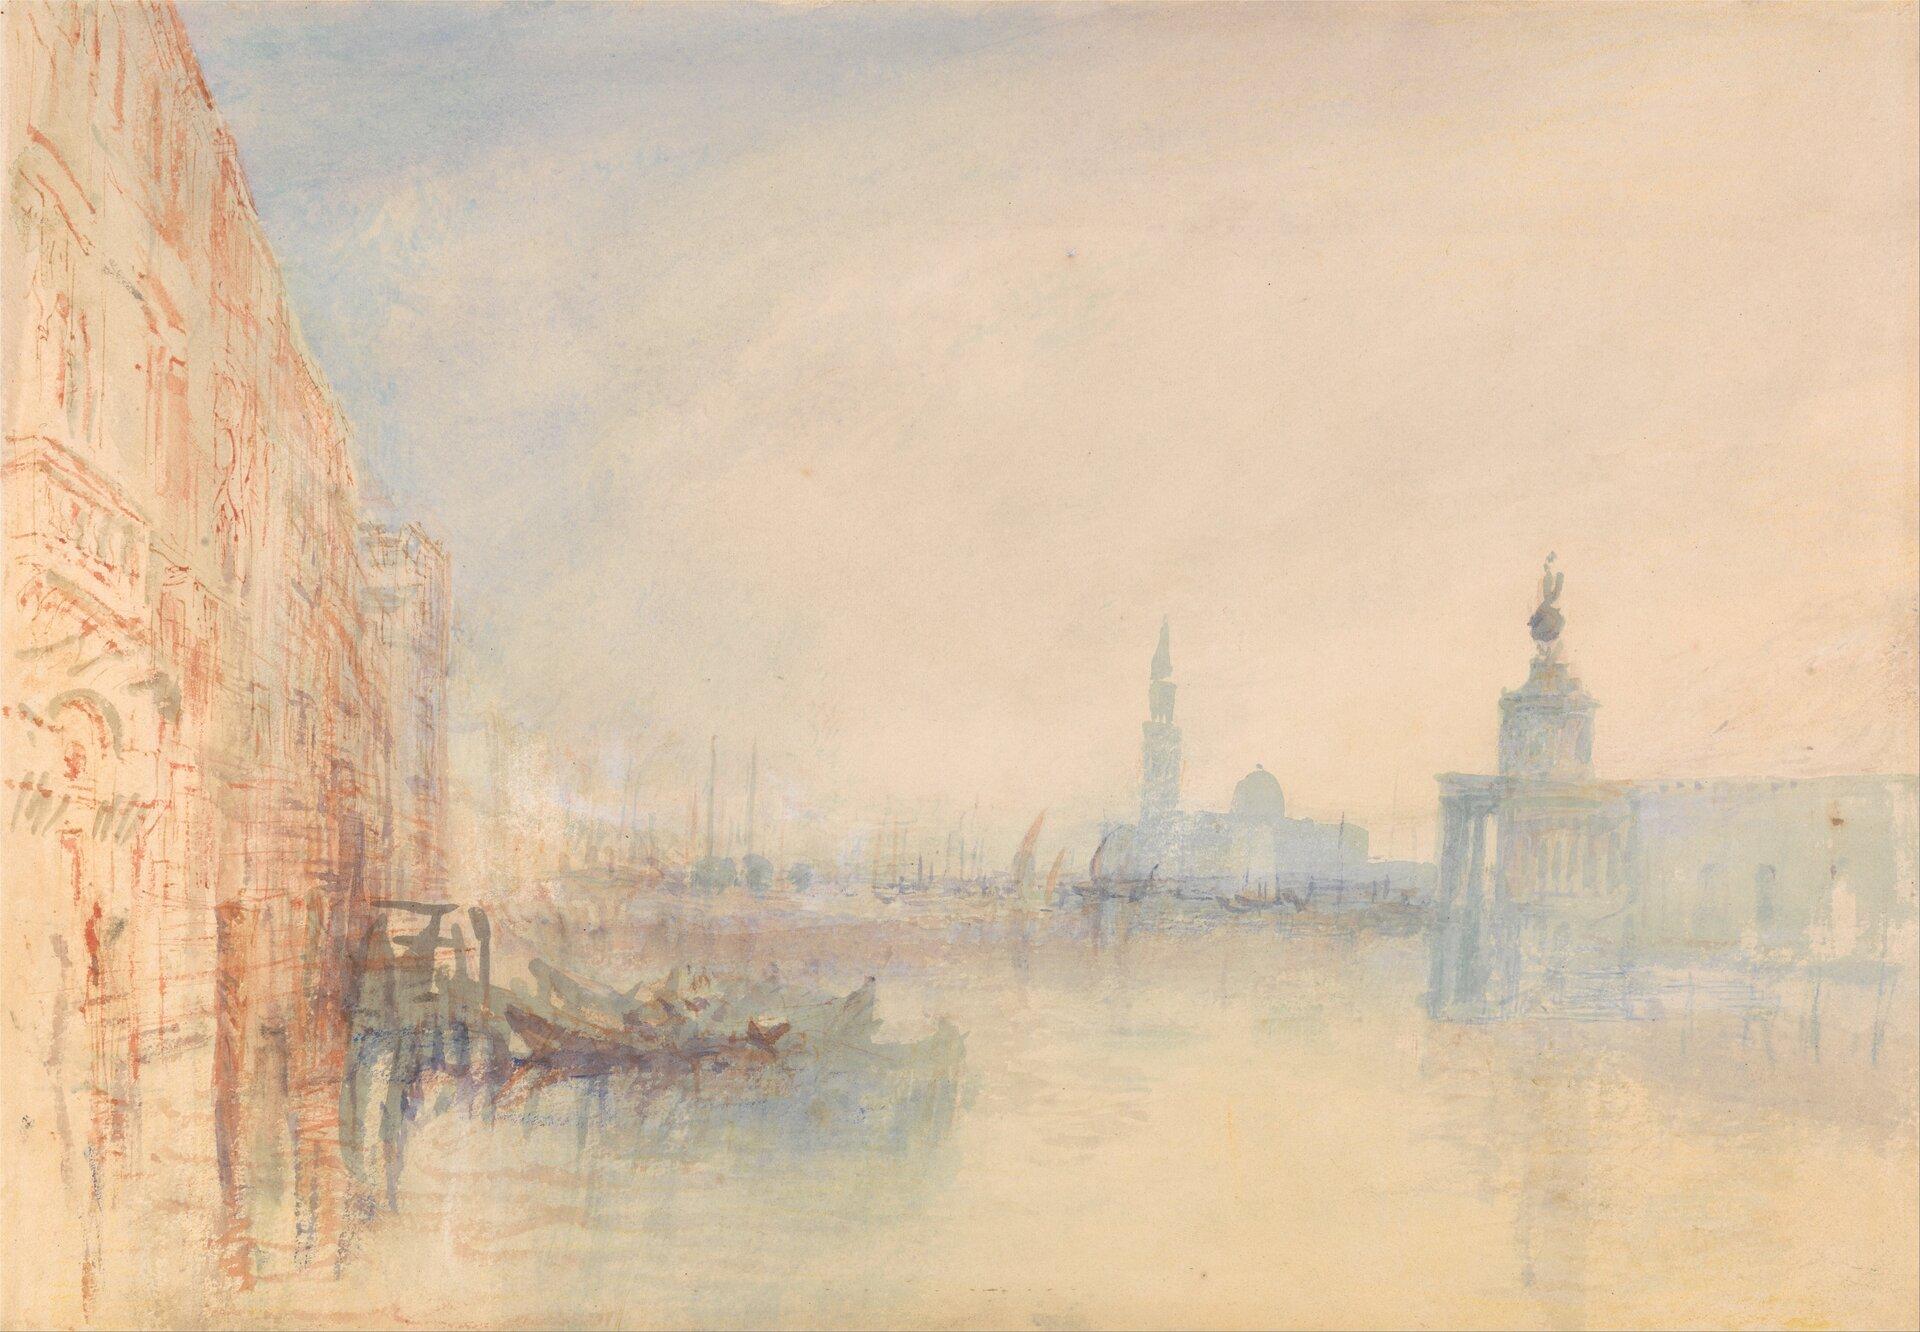 """Ilustracja przedstawia obraz Josepha Mallorda Williama Turnera """"Wenecja, Wielki kanał"""". Ukazuje widok na kanał zarchitektura po obu stronach oraz gondolami po lewej. Jest namalowany delikatnymi barwami wodcieniach żółcieni ijasnych błękitów. Kolory są rozmyte iblade."""